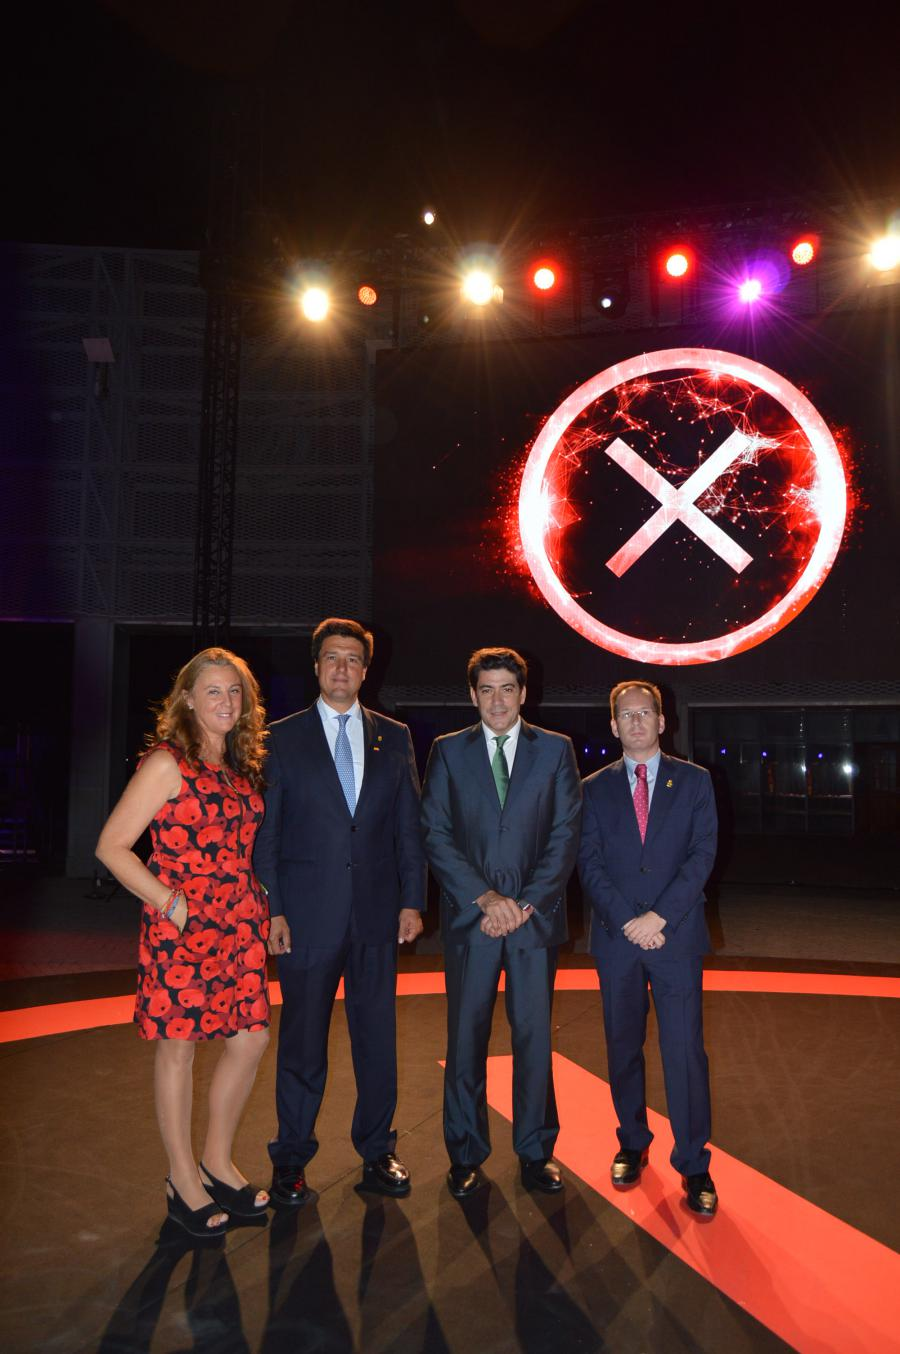 El nuevo espacio comercial y de ocio X-Madrid generará más de 1.000 puestos de trabajo en #Alcorcón